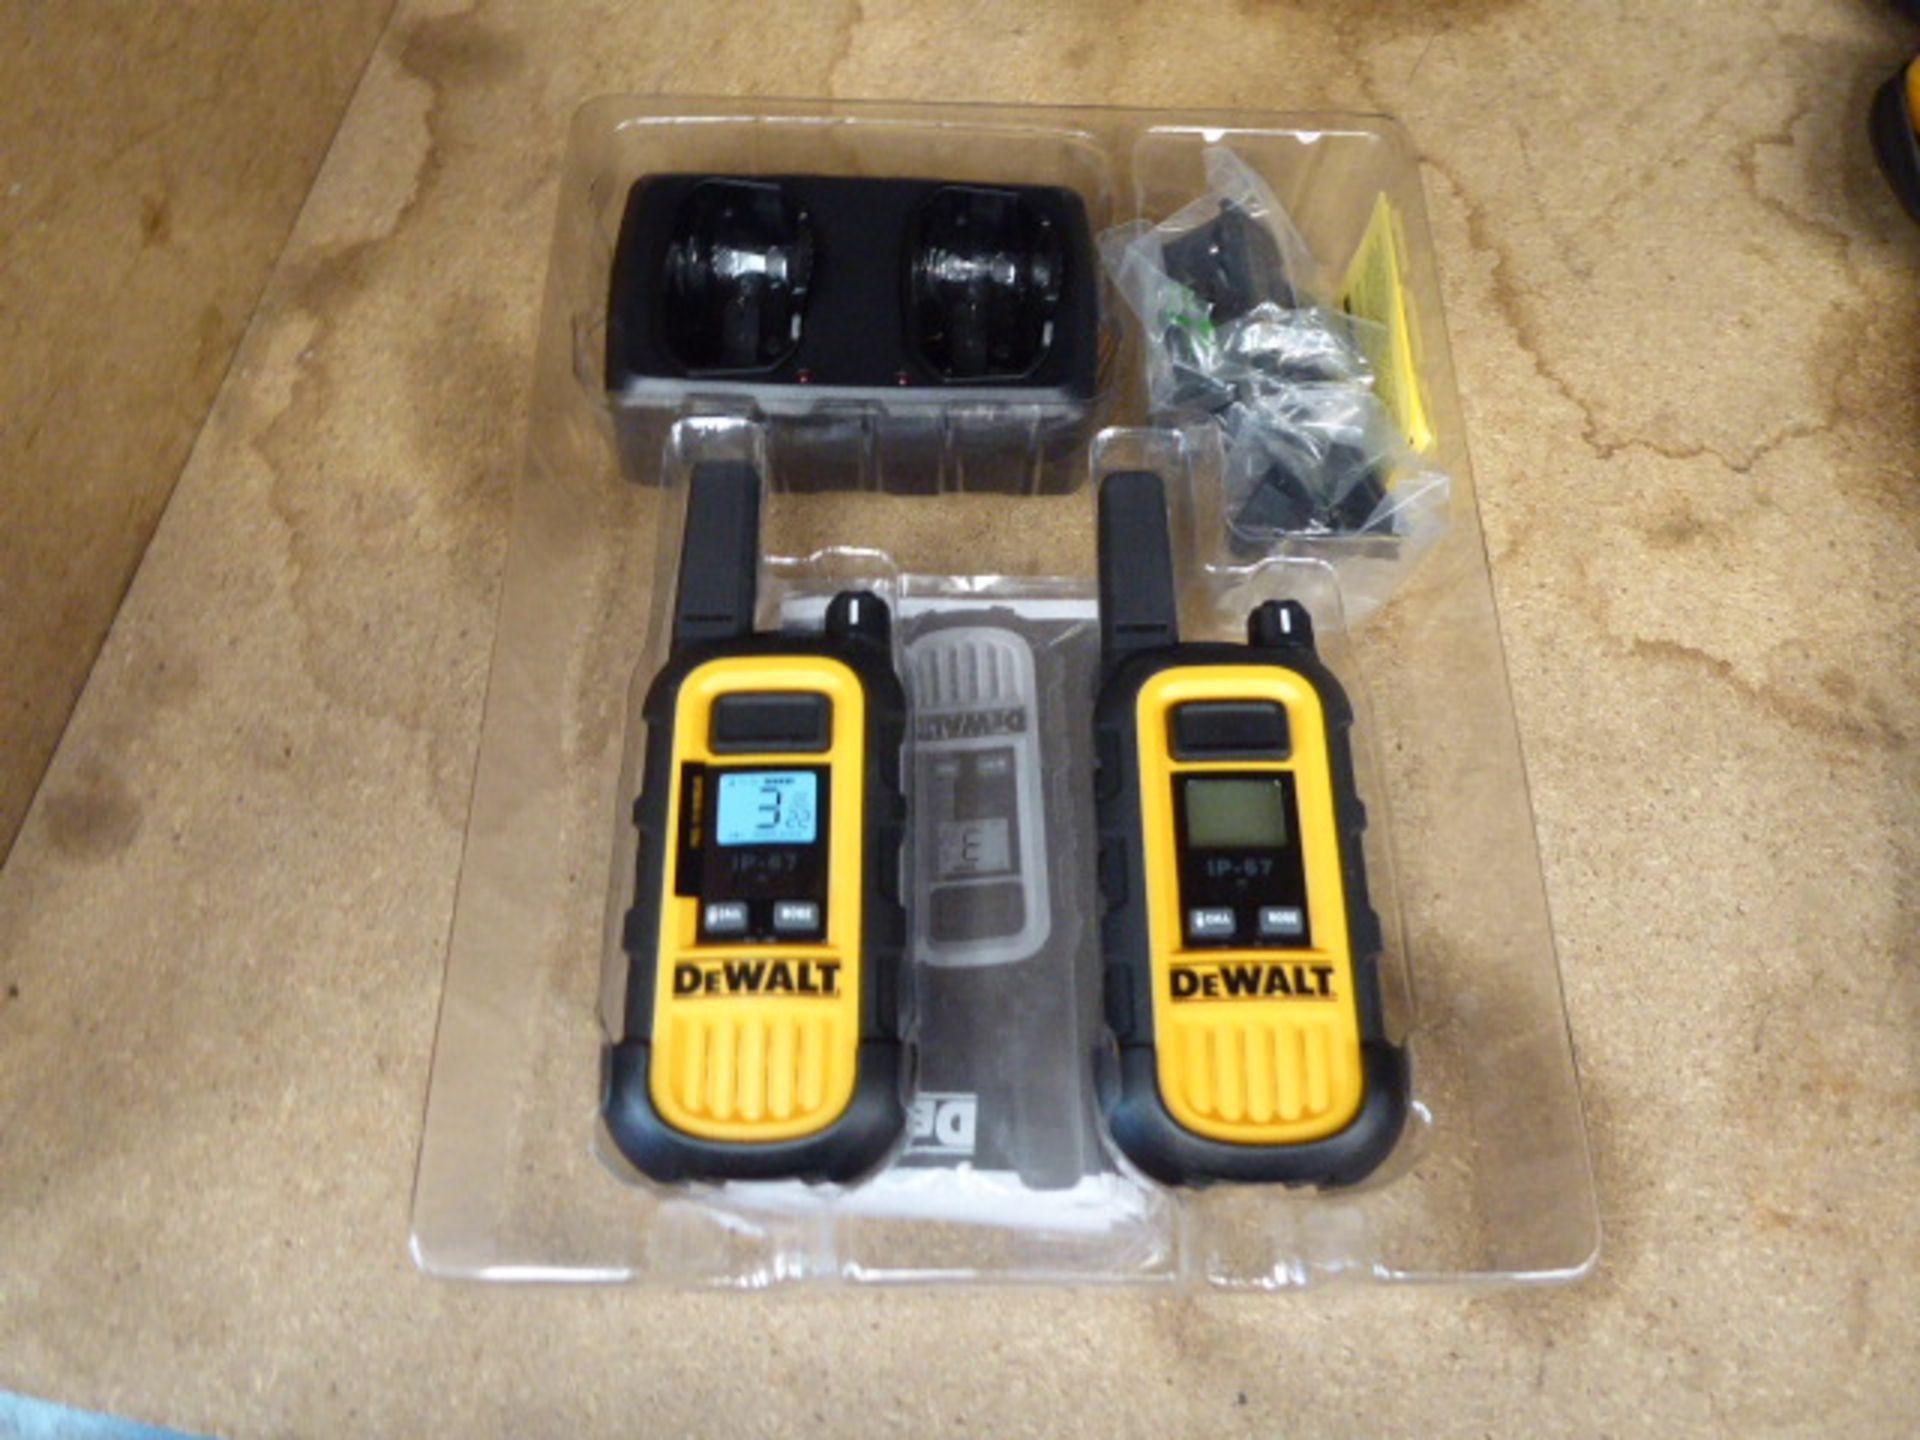 2 DeWalt walkie talkies - Image 2 of 2